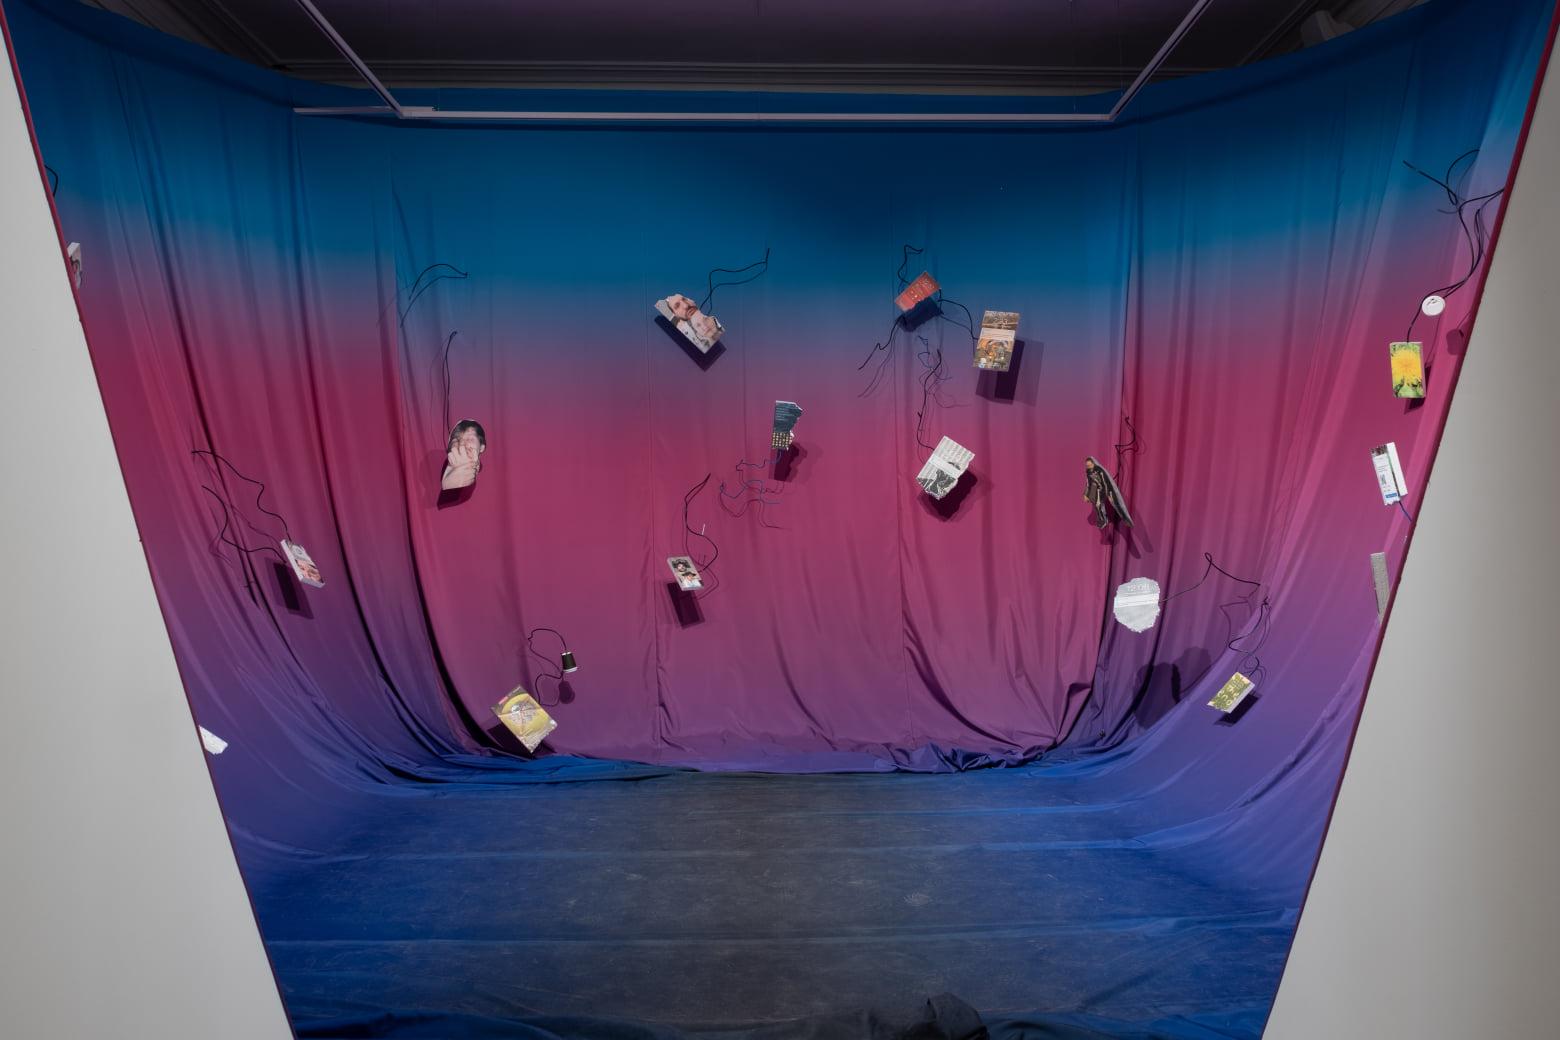 Инсталляция «От меня остался ноль. Ни юмора, ни чувств — я выгорел» Игоря Самолета. Фрагмент экспозиции. Фотографии Resea